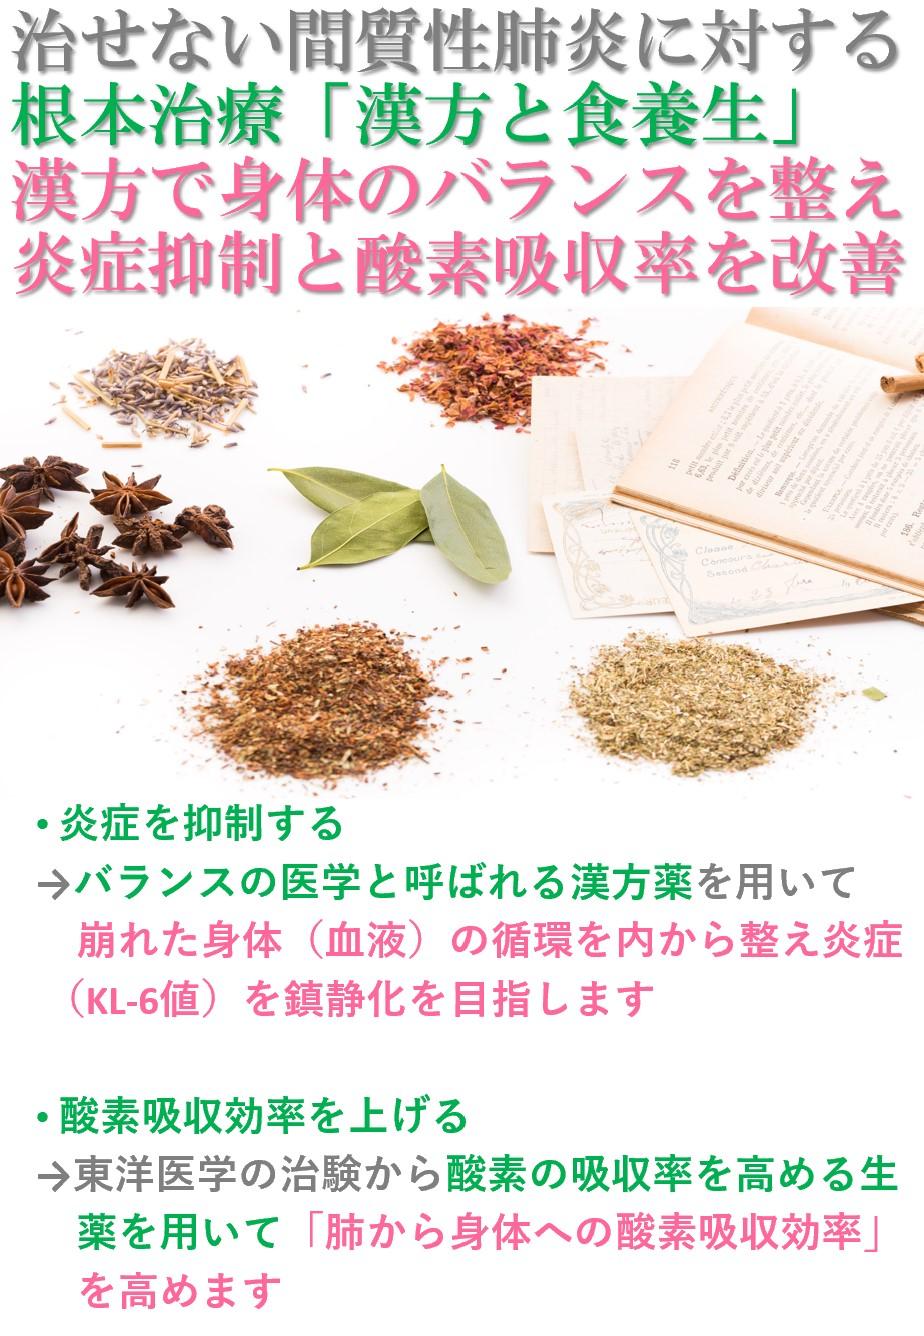 間質性肺炎に対する漢方アプローチ「高山植物に効能で体内の酸素吸収率を高める・崩れた免疫のバランスを整え炎症の進行を鎮静化する」